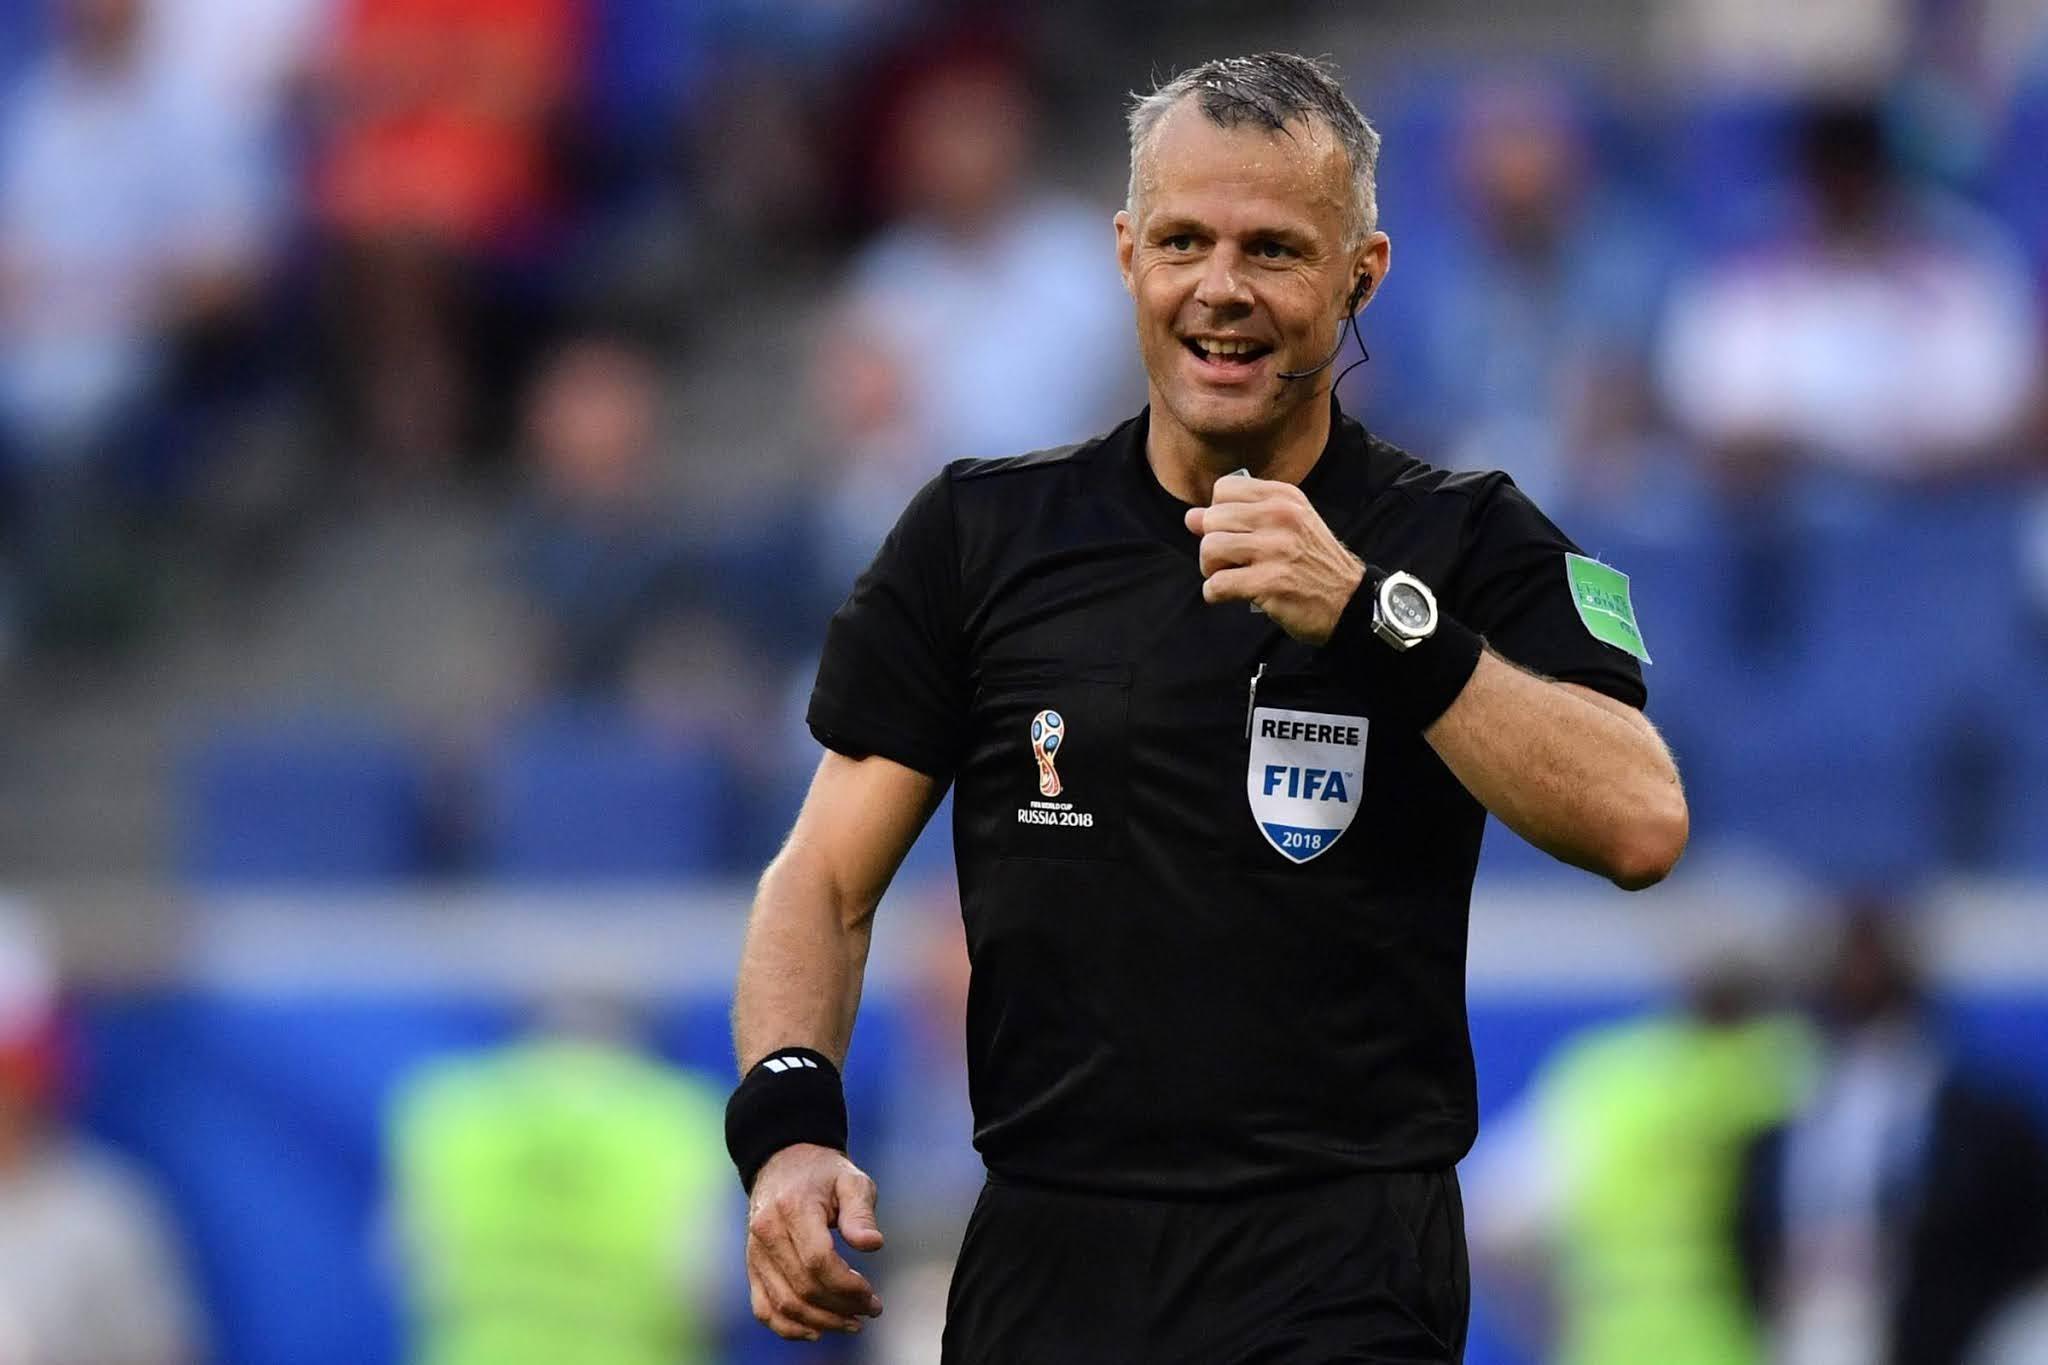 Bjorn Kuipers được chỉ định là người cầm còi cho trận chung kết Euro 2020 giữa Anh và Ý